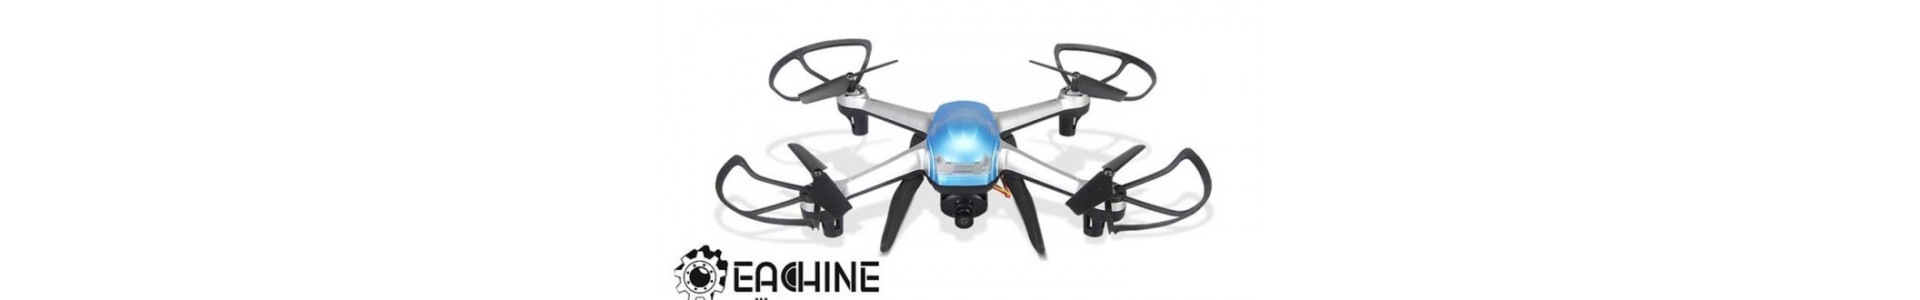 Eachine H99 - H99D - H99W